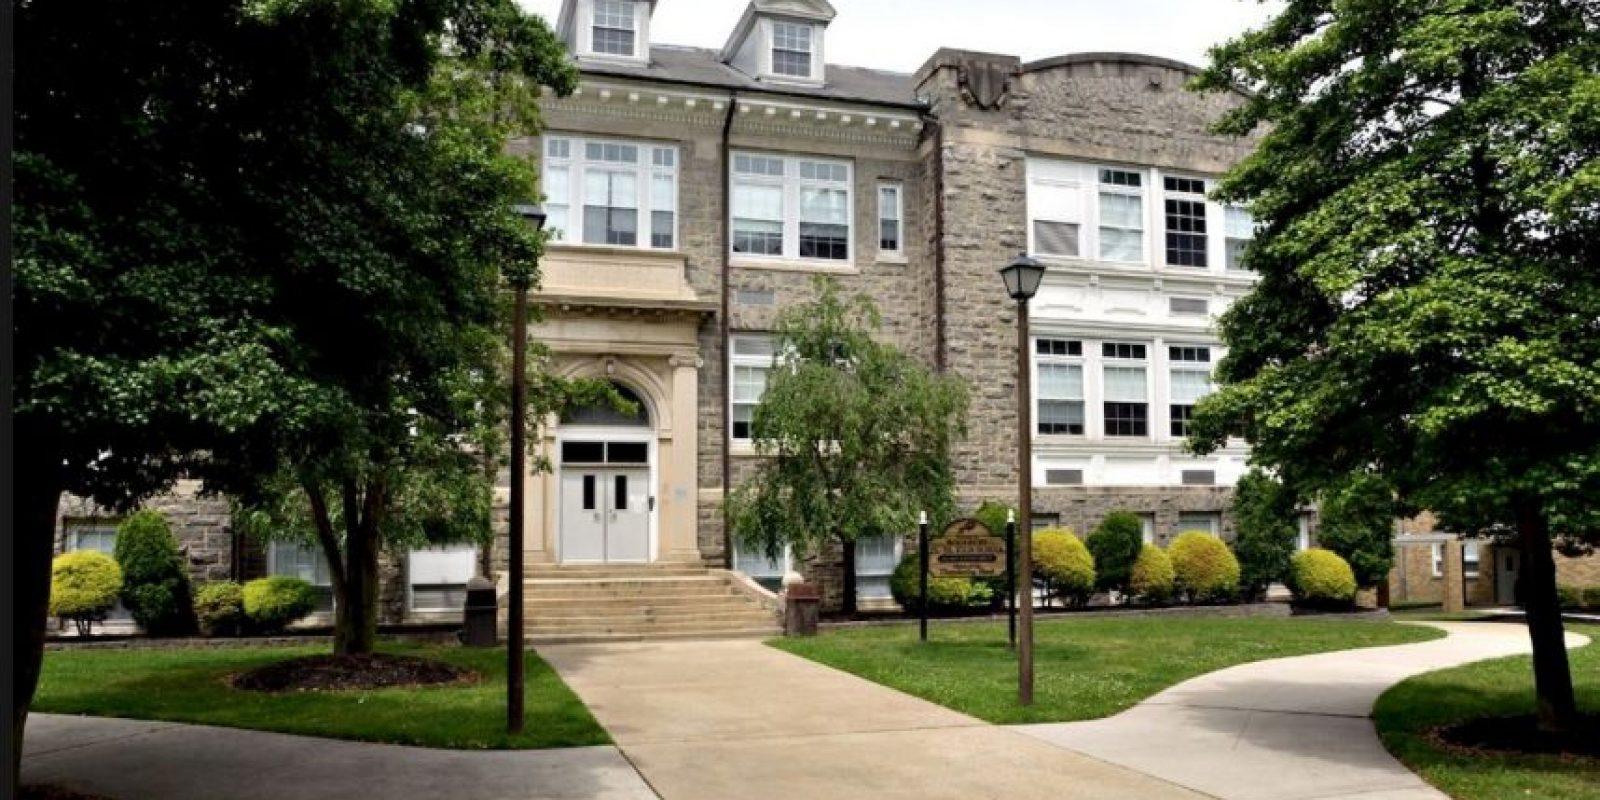 Langford espera que su alumnos sepan que los respalda. Foto:facebook.com/WoodburyCityPublicSchools. Imagen Por: